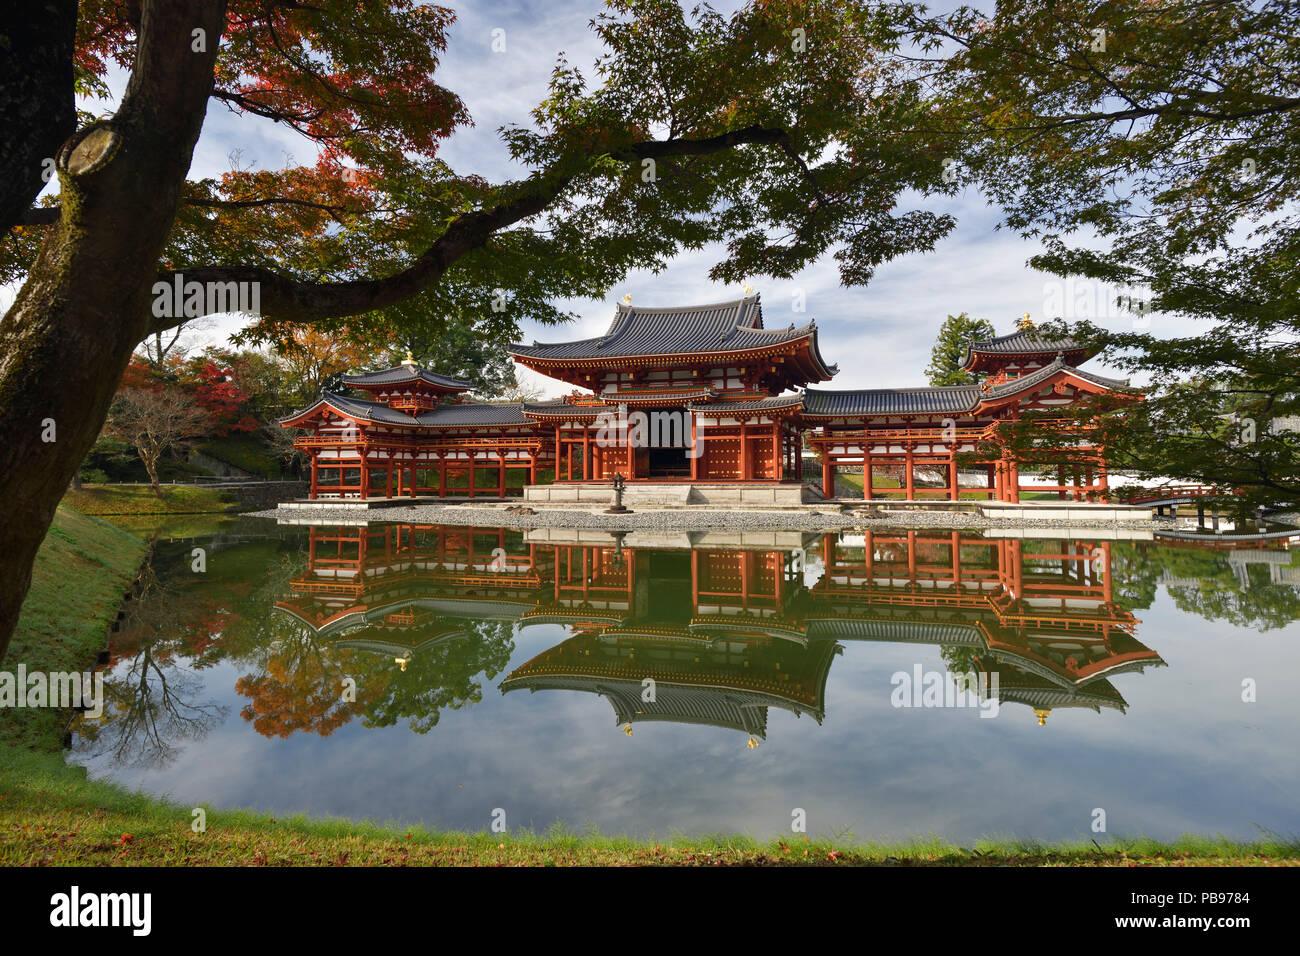 Tranquilo paisaje de otoño el Phoenix Hall, salón de amida templo Byodoin en Kojima isla de Tierra Pura Jodoshiki entei, estanque de jardín en un soleado Imagen De Stock